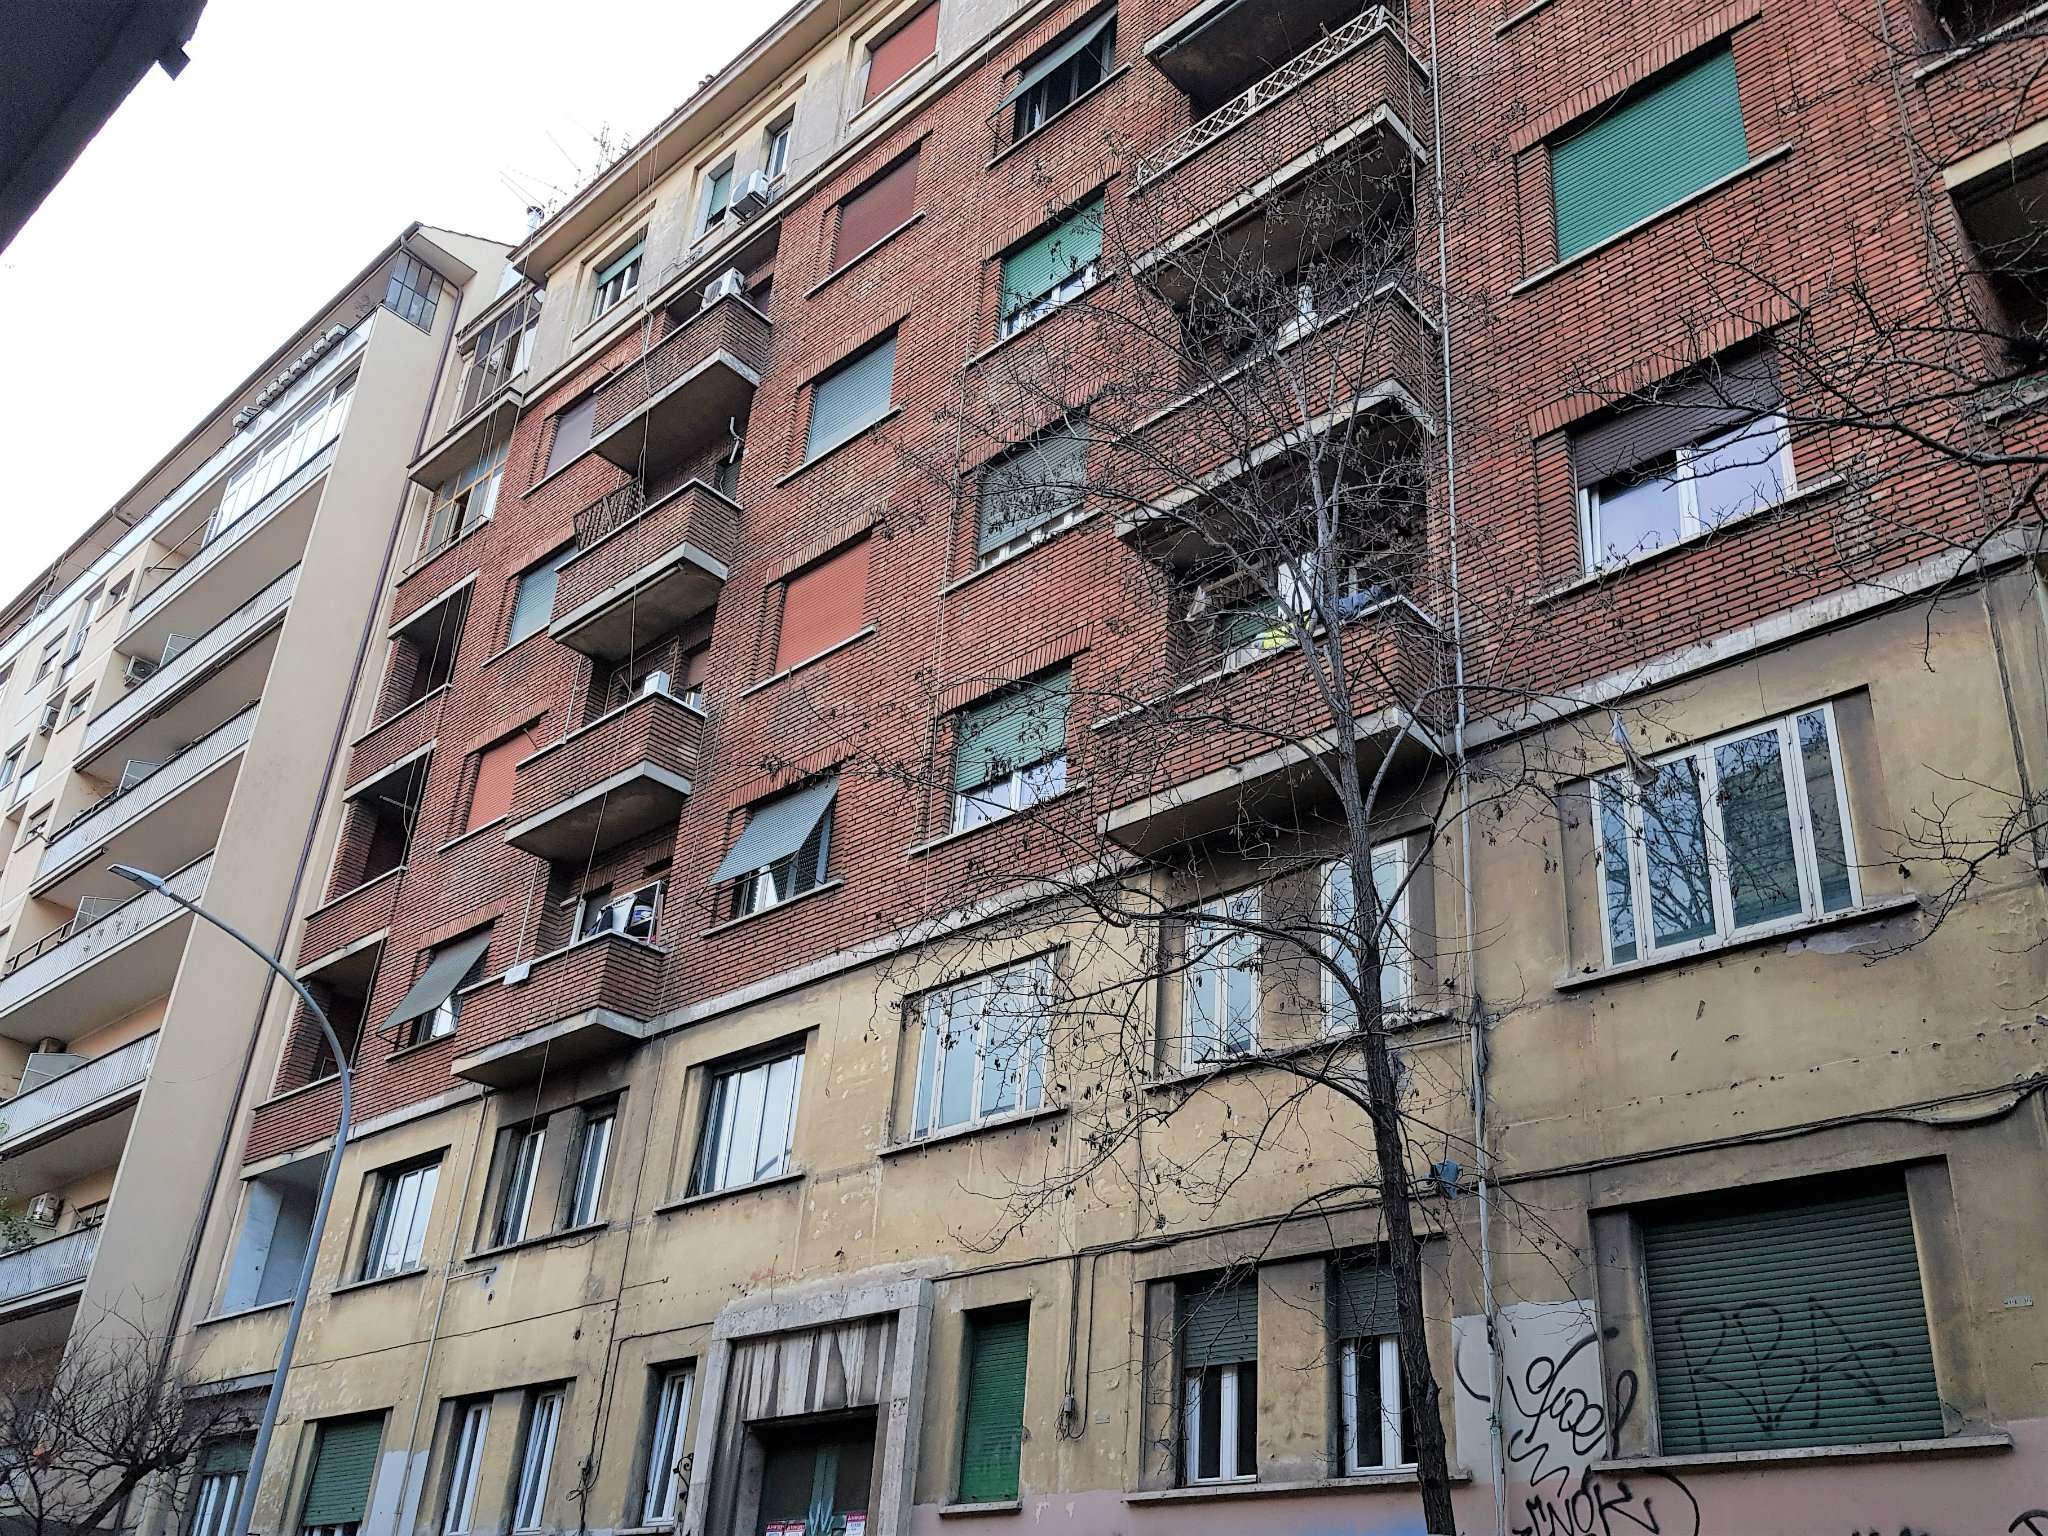 Appartamenti con lavatrice in vendita a roma pag 5 for Appartamenti vendita roma